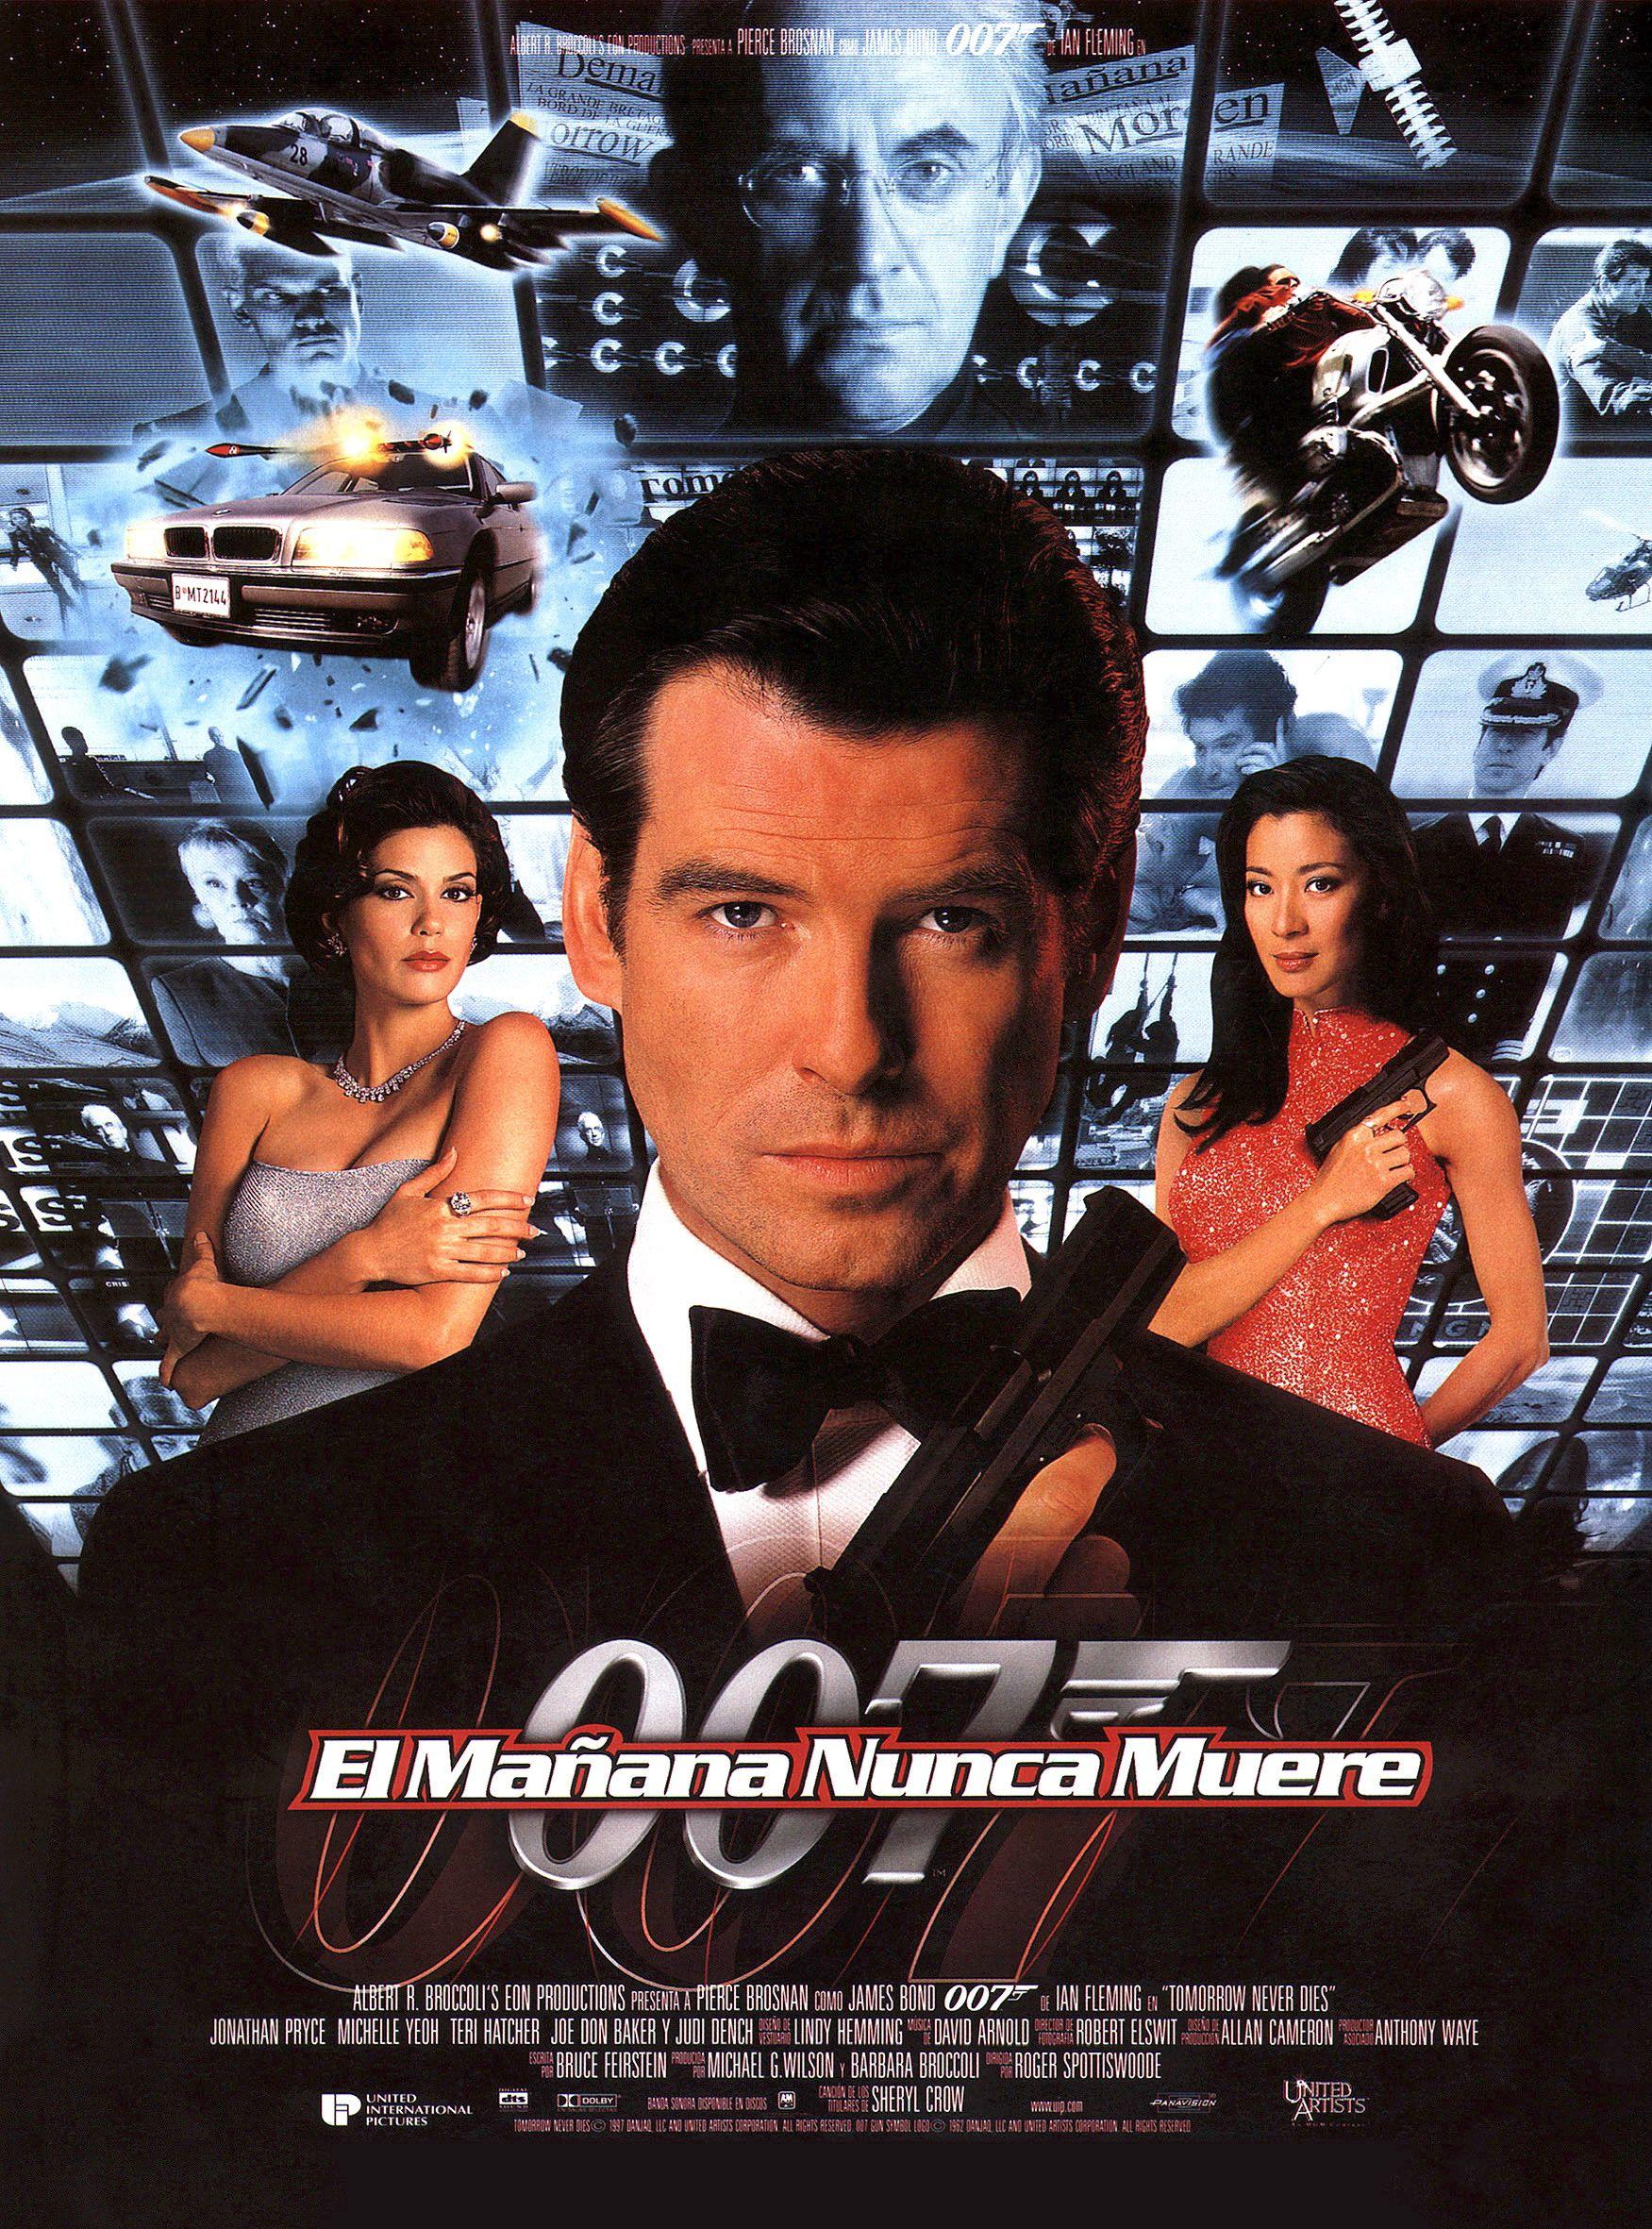 El Mañana Nunca Muere Peliculas De James Bond Peliculas Cine Peliculas